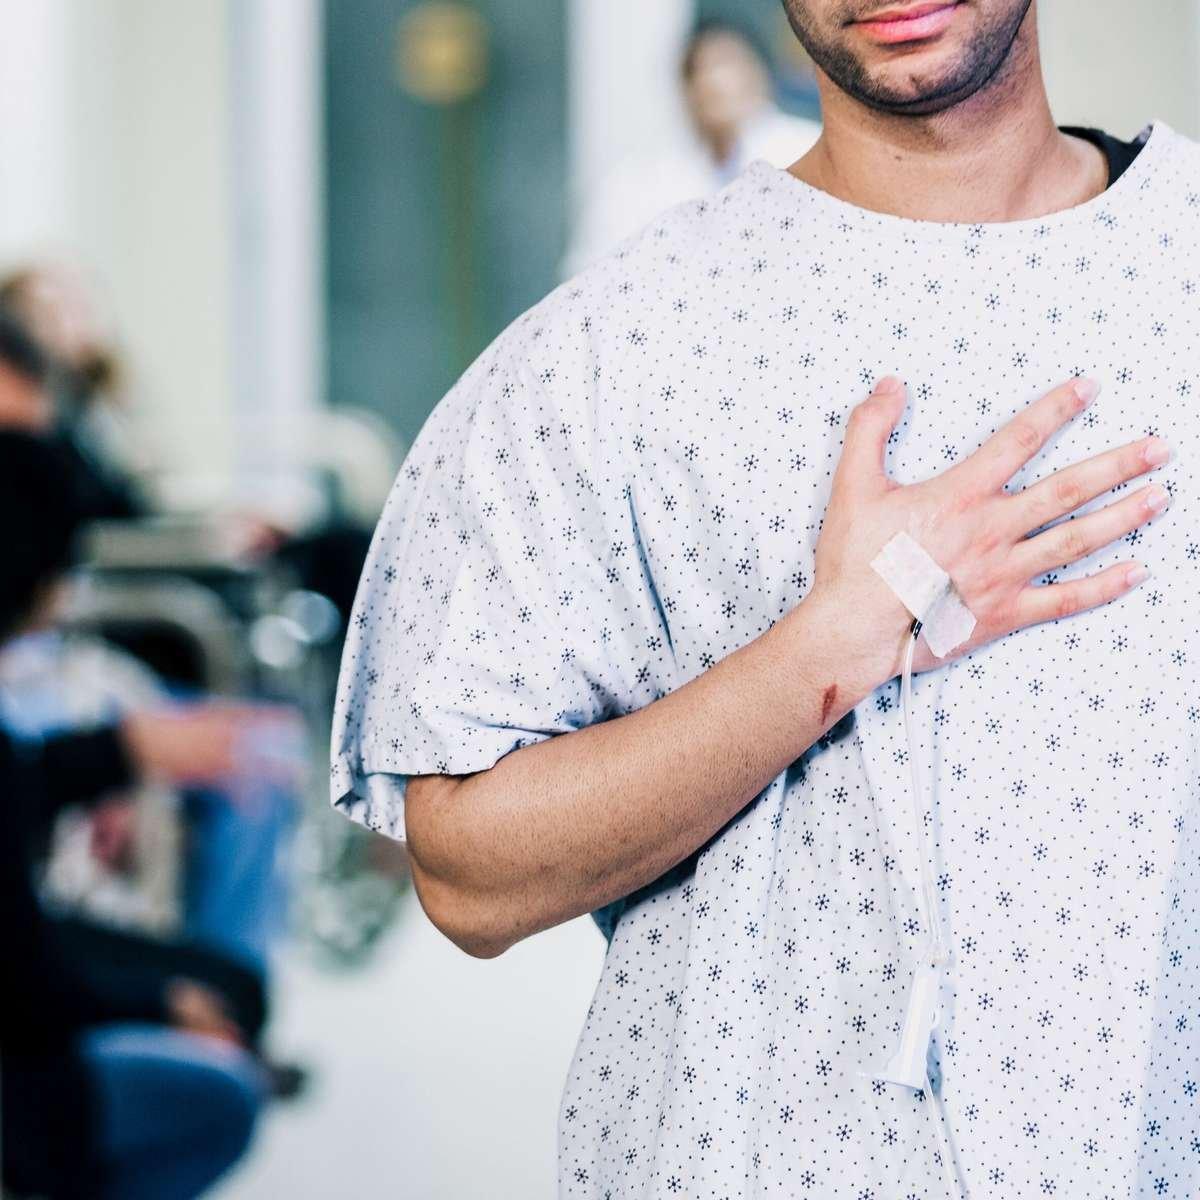 PEMF after transplant